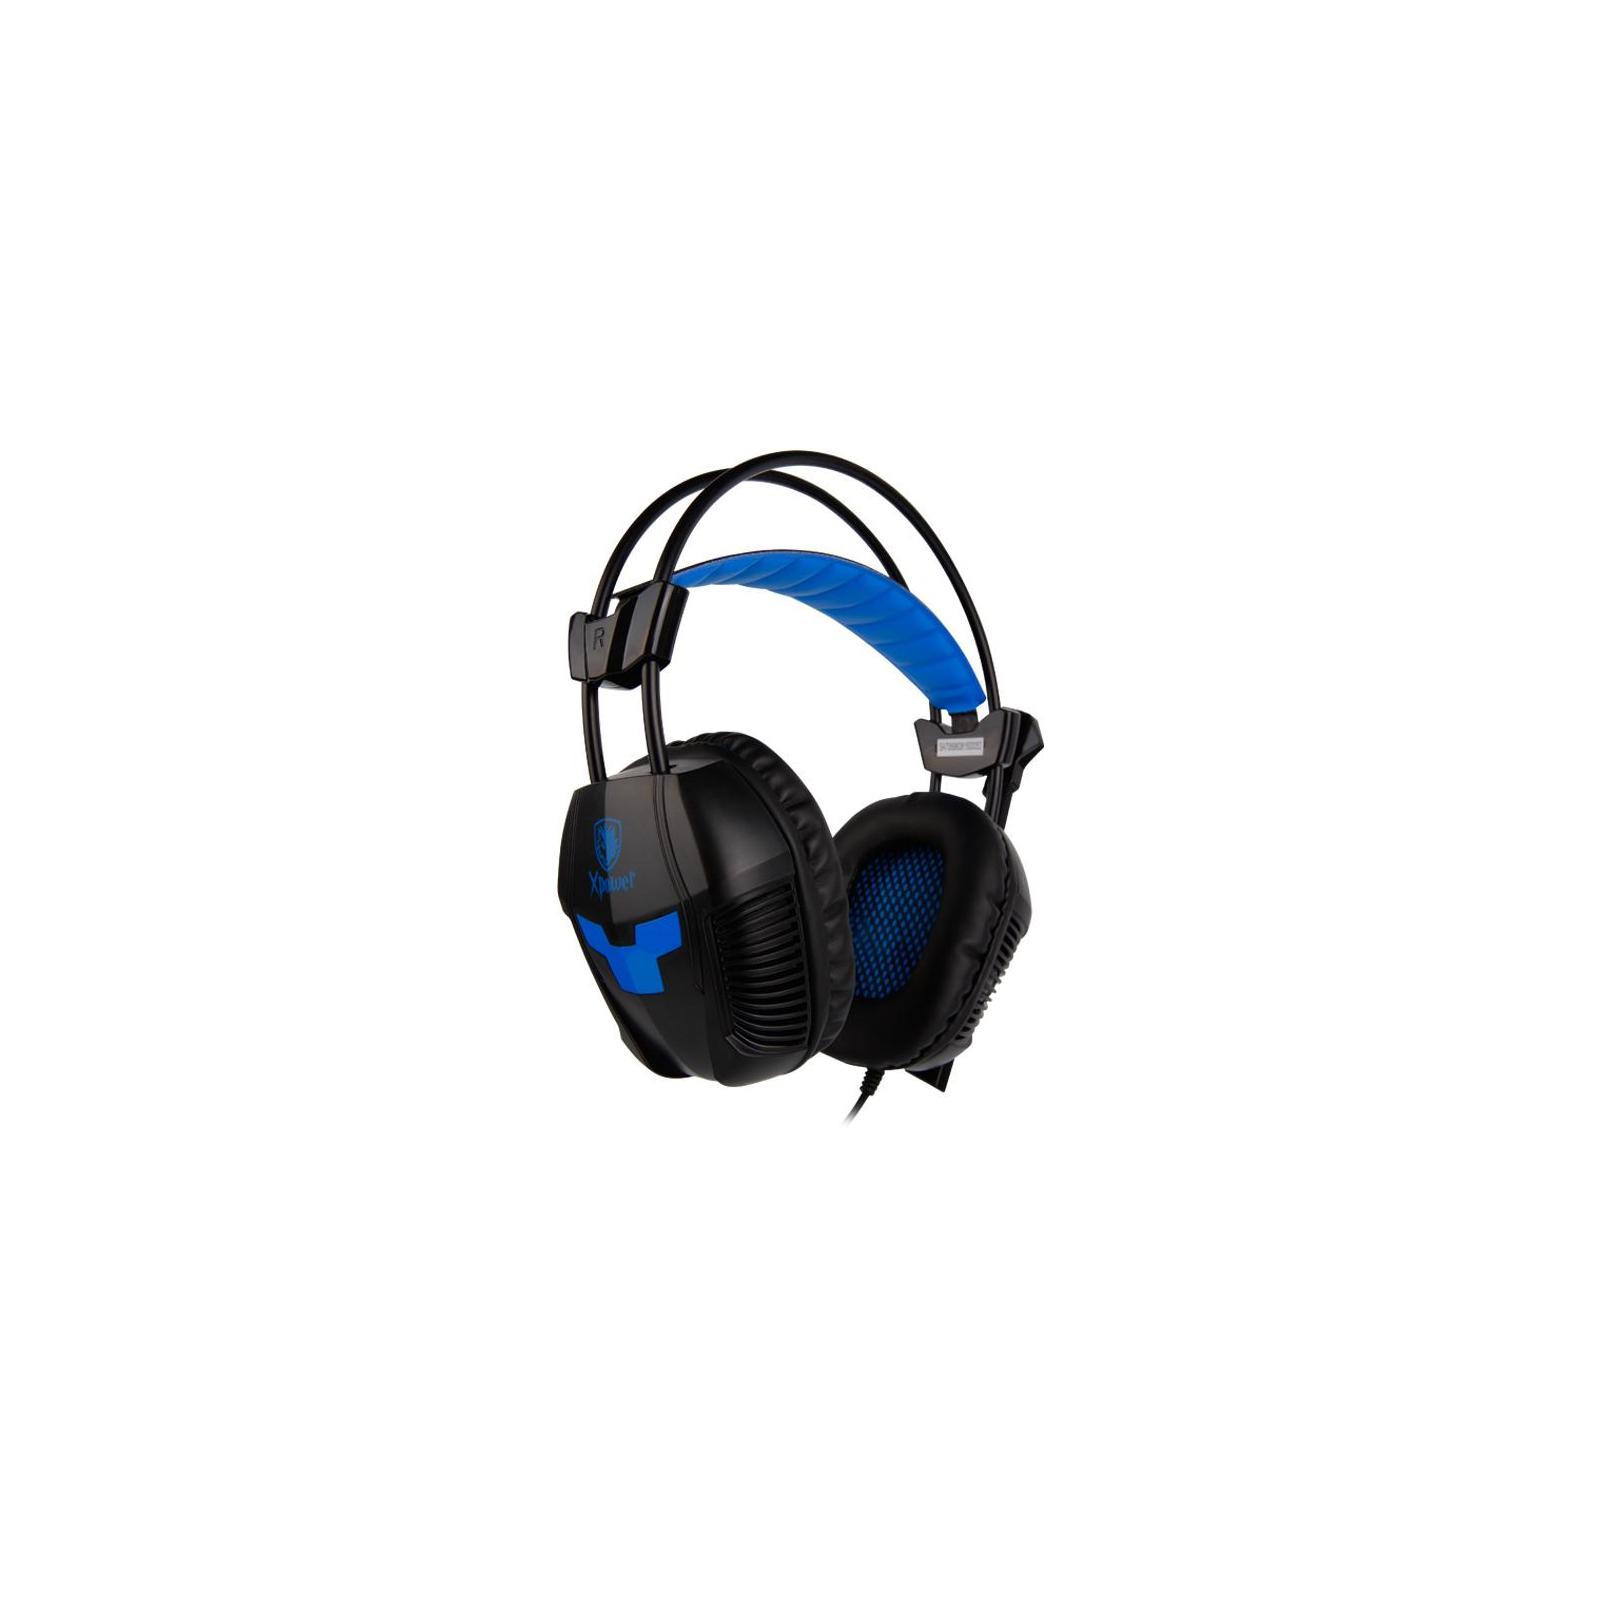 Наушники SADES Xpower Black/Blue (SA706-B-BL) изображение 4